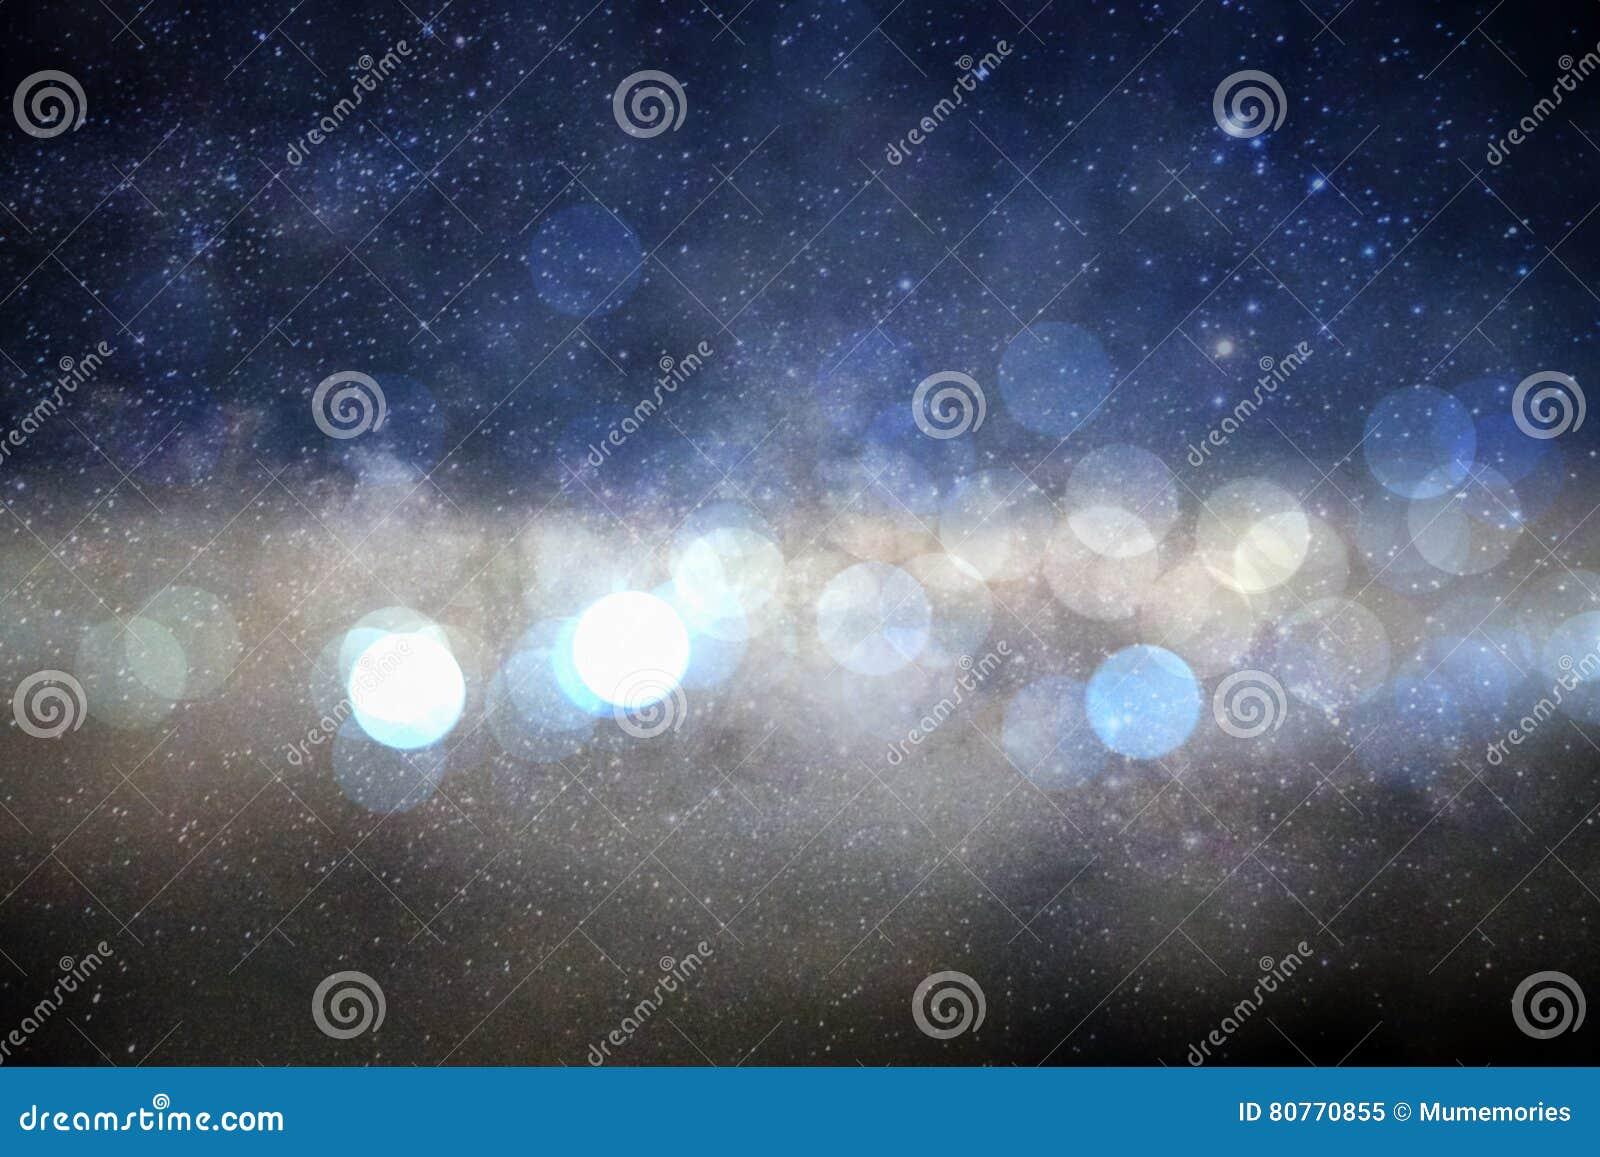 Onduidelijk beeld bokeh cirkel op achtergrond van de melkweg de melkachtige manier